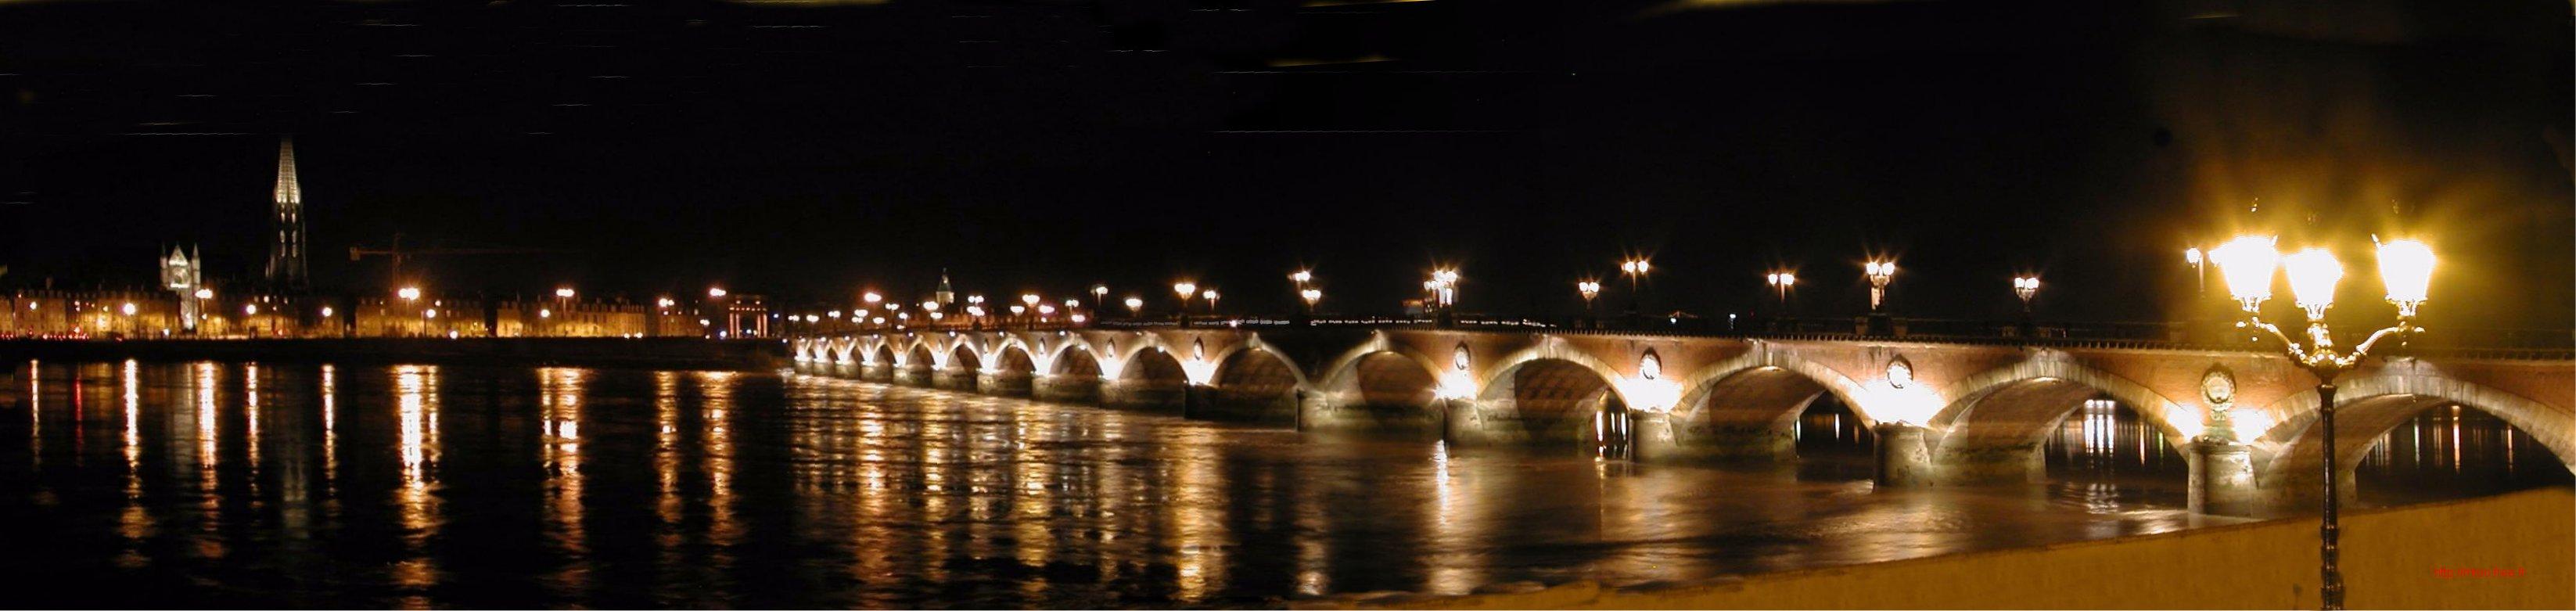 rive de la Gironde,